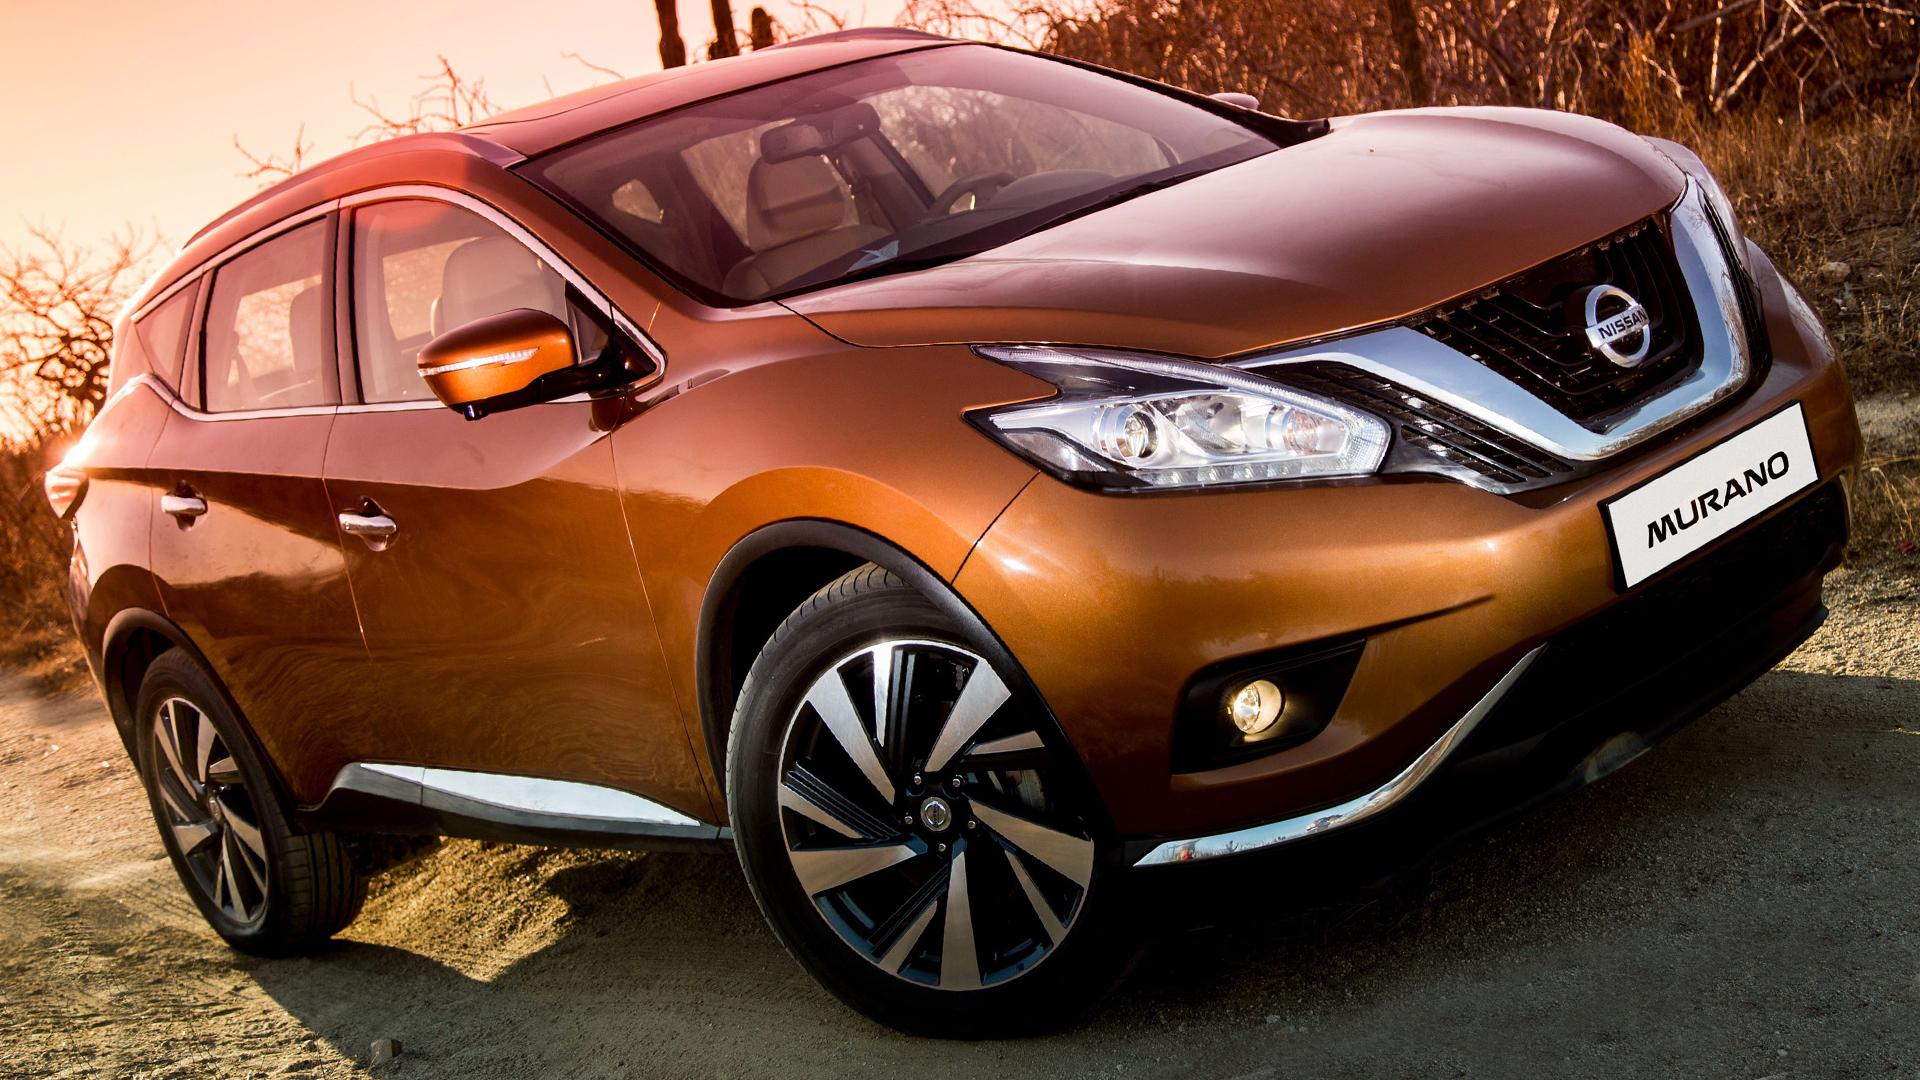 Ниссан Мурано 2019 рестайлинг фото цена и характеристики обновленной модели Nissan